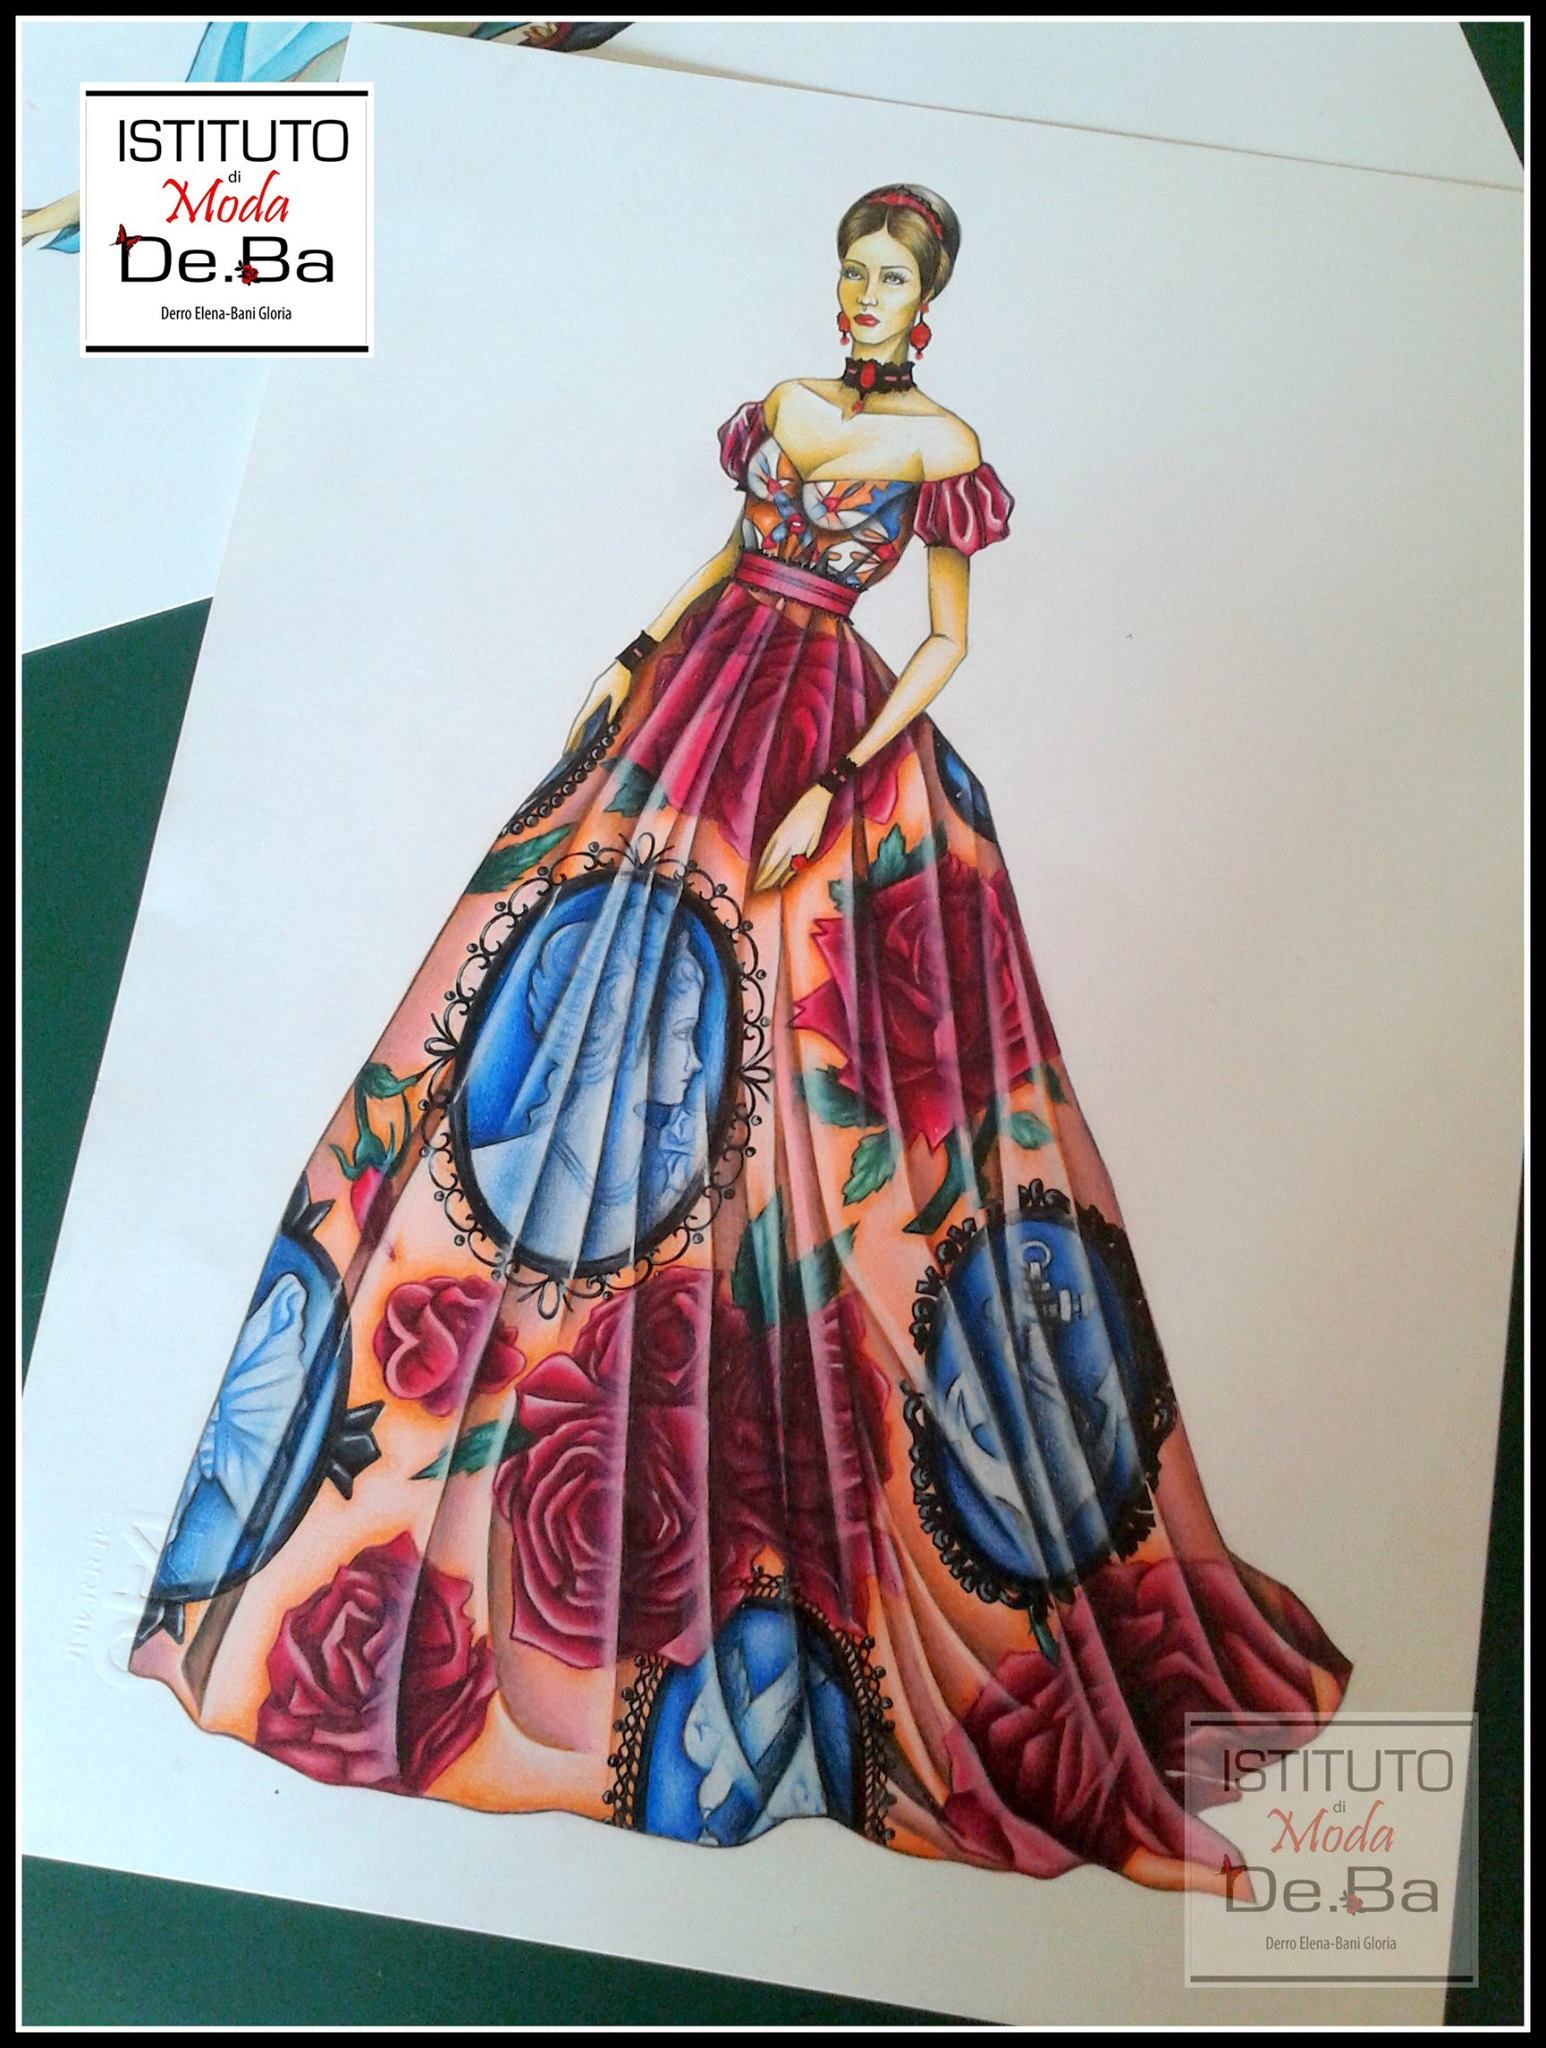 Ispirato a Dolce & Gabbana